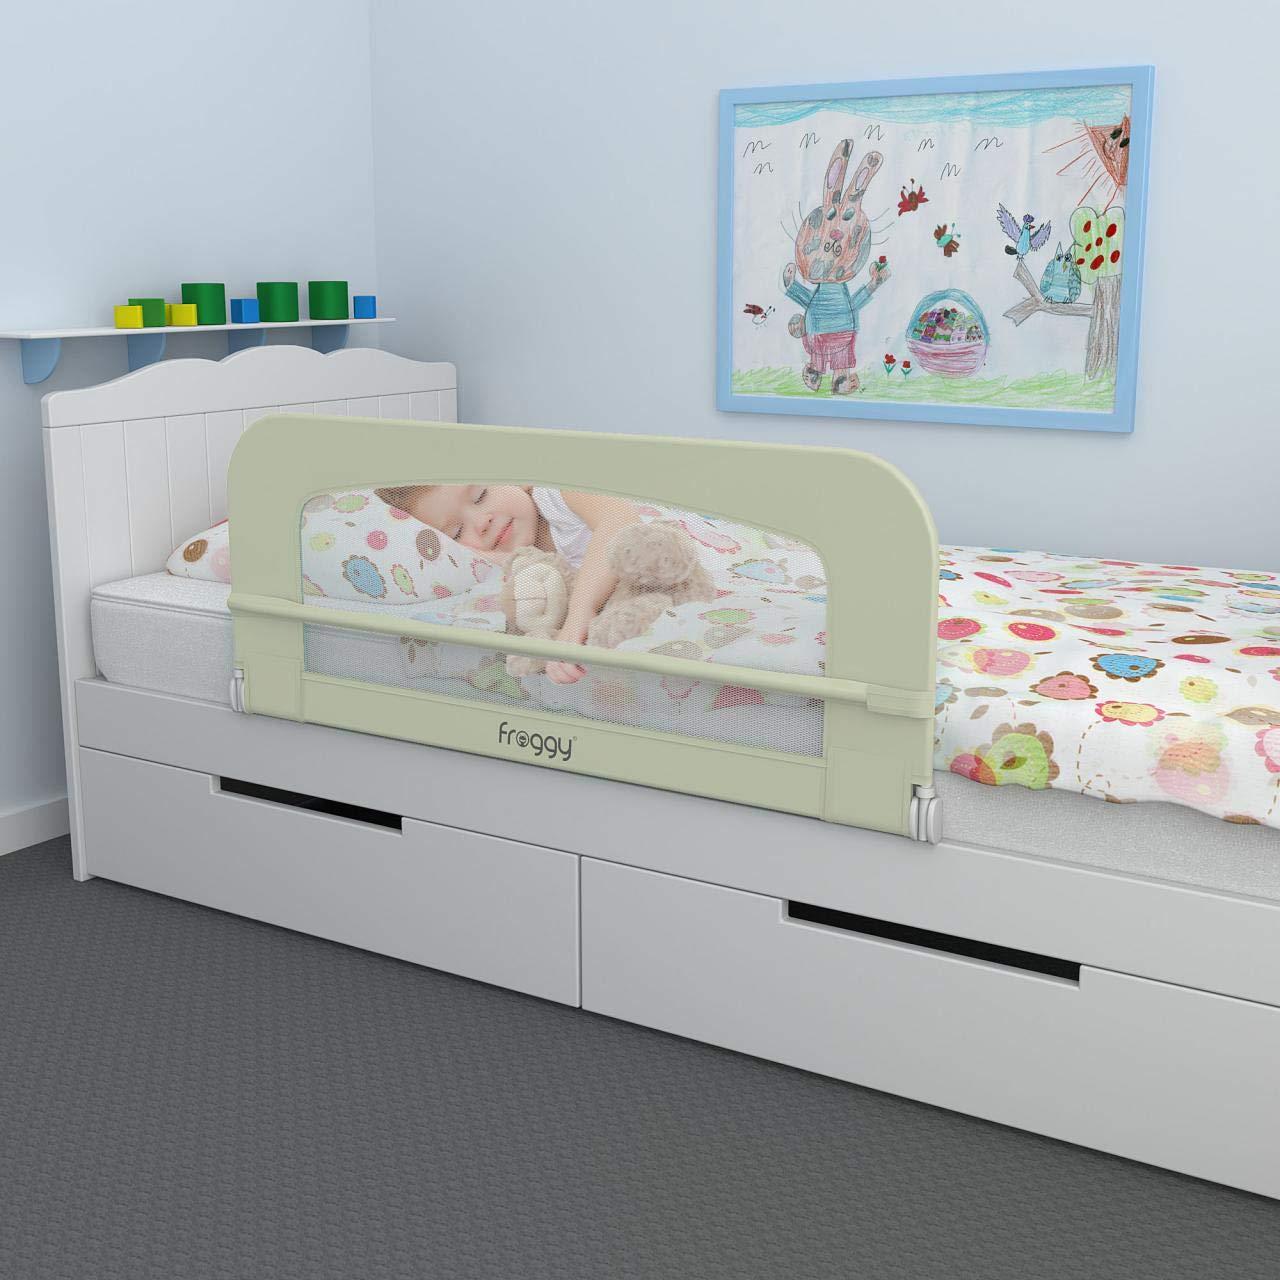 Bettgitter 100 cm Bettschutzgitter Kinderbettgitter Babybettgitter Gitter Kinderbett Fallschutz Bett Raspberry